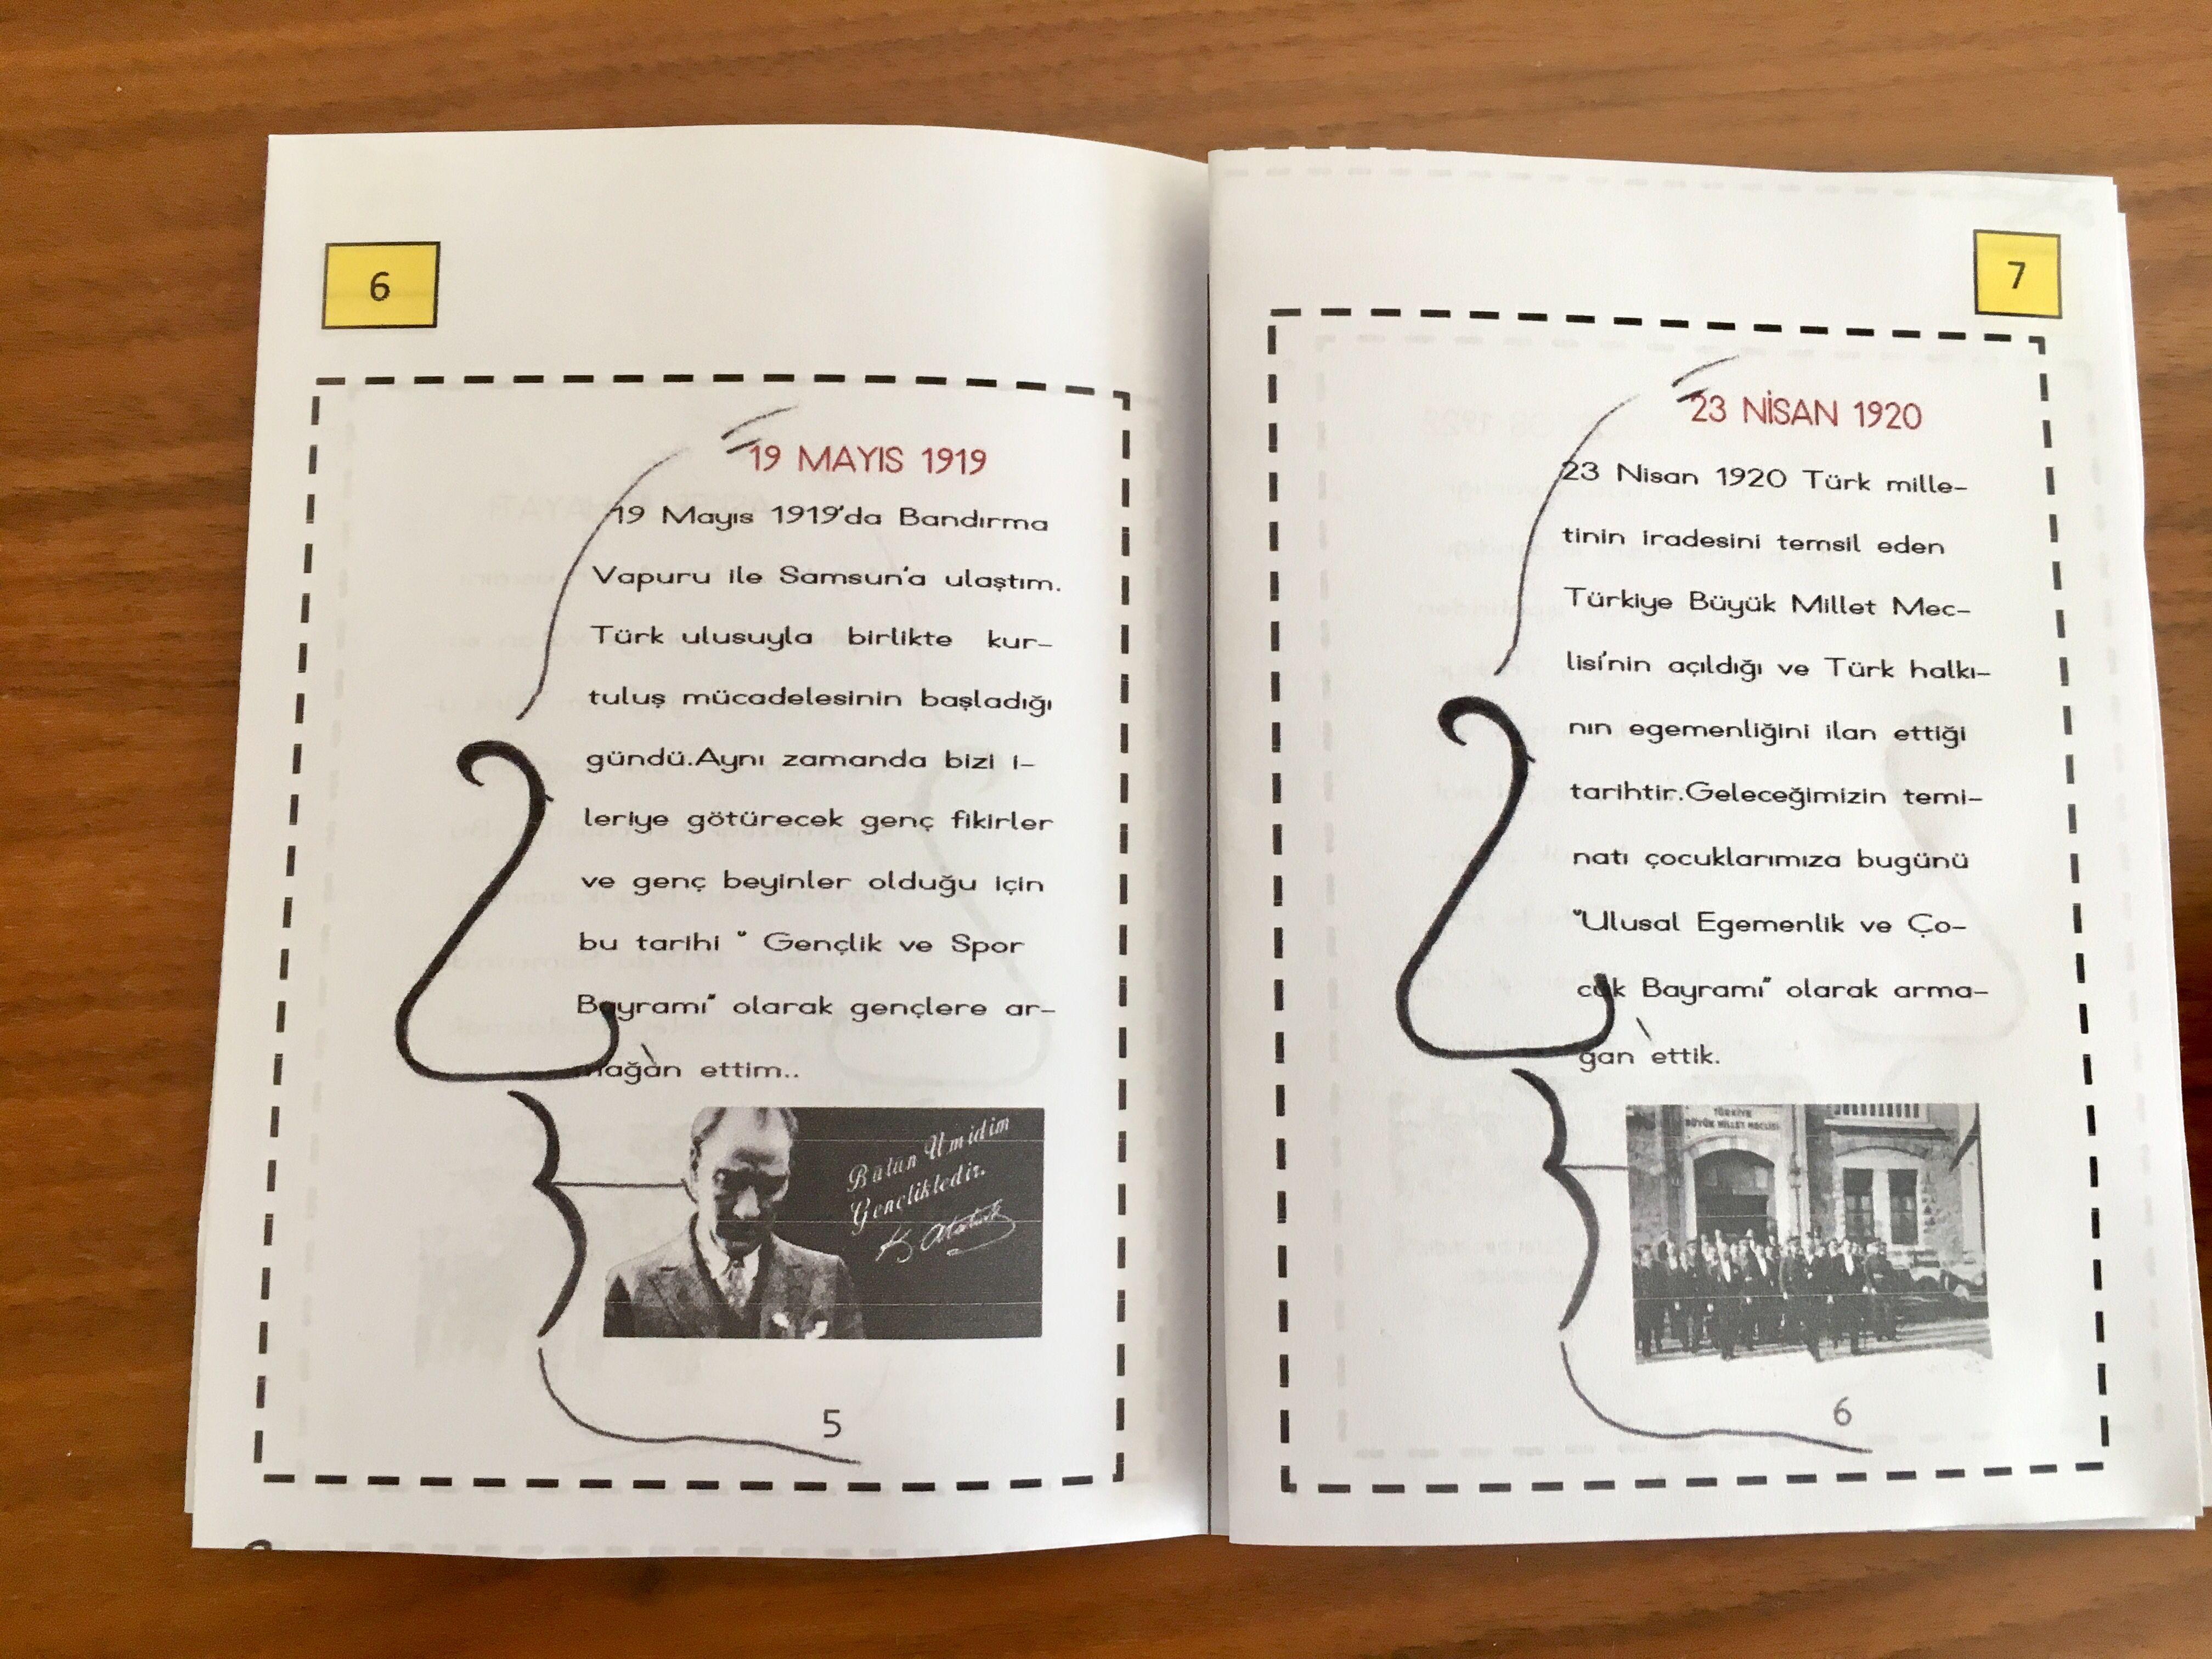 10 Kasim Ataturk Un Hayati Kitapcik Cigdem Ogretmen Hayat Bilgisi Egitim Sinif